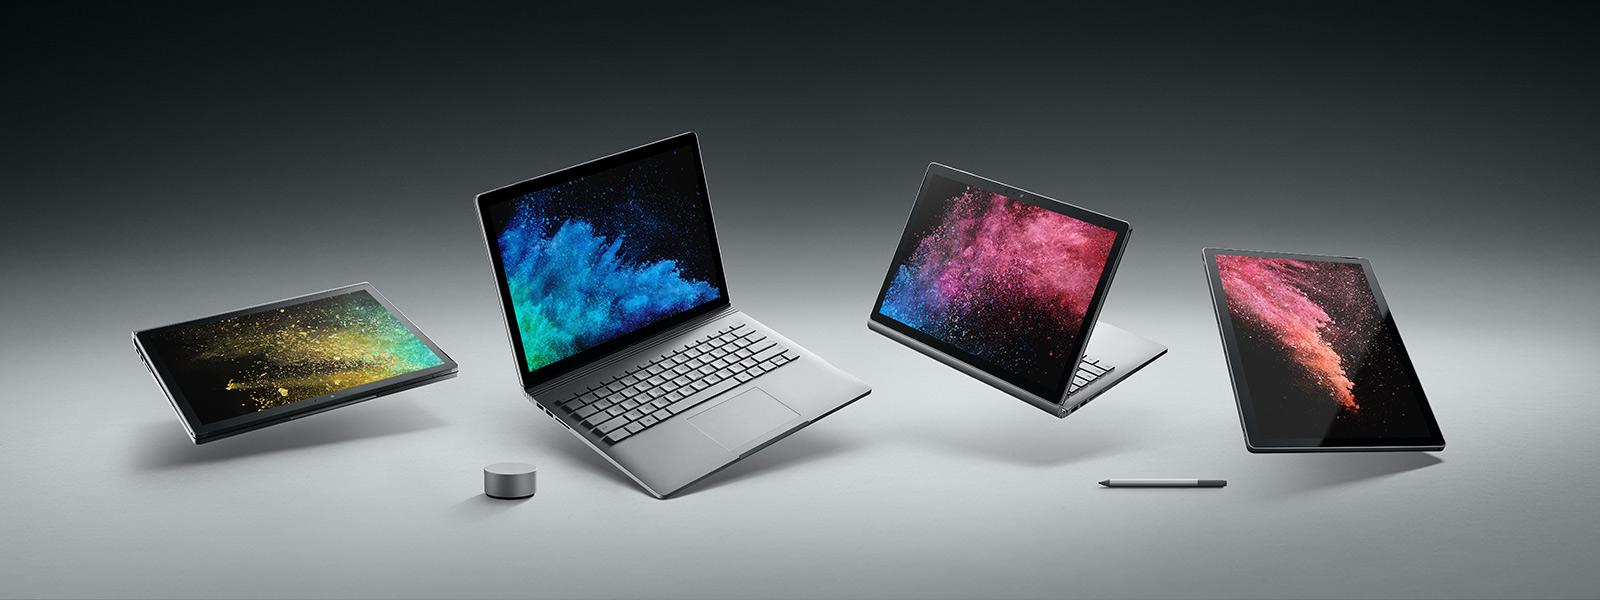 Surface Book 2 visas i olika lägen, med Surface Dial och Surface-pennan.